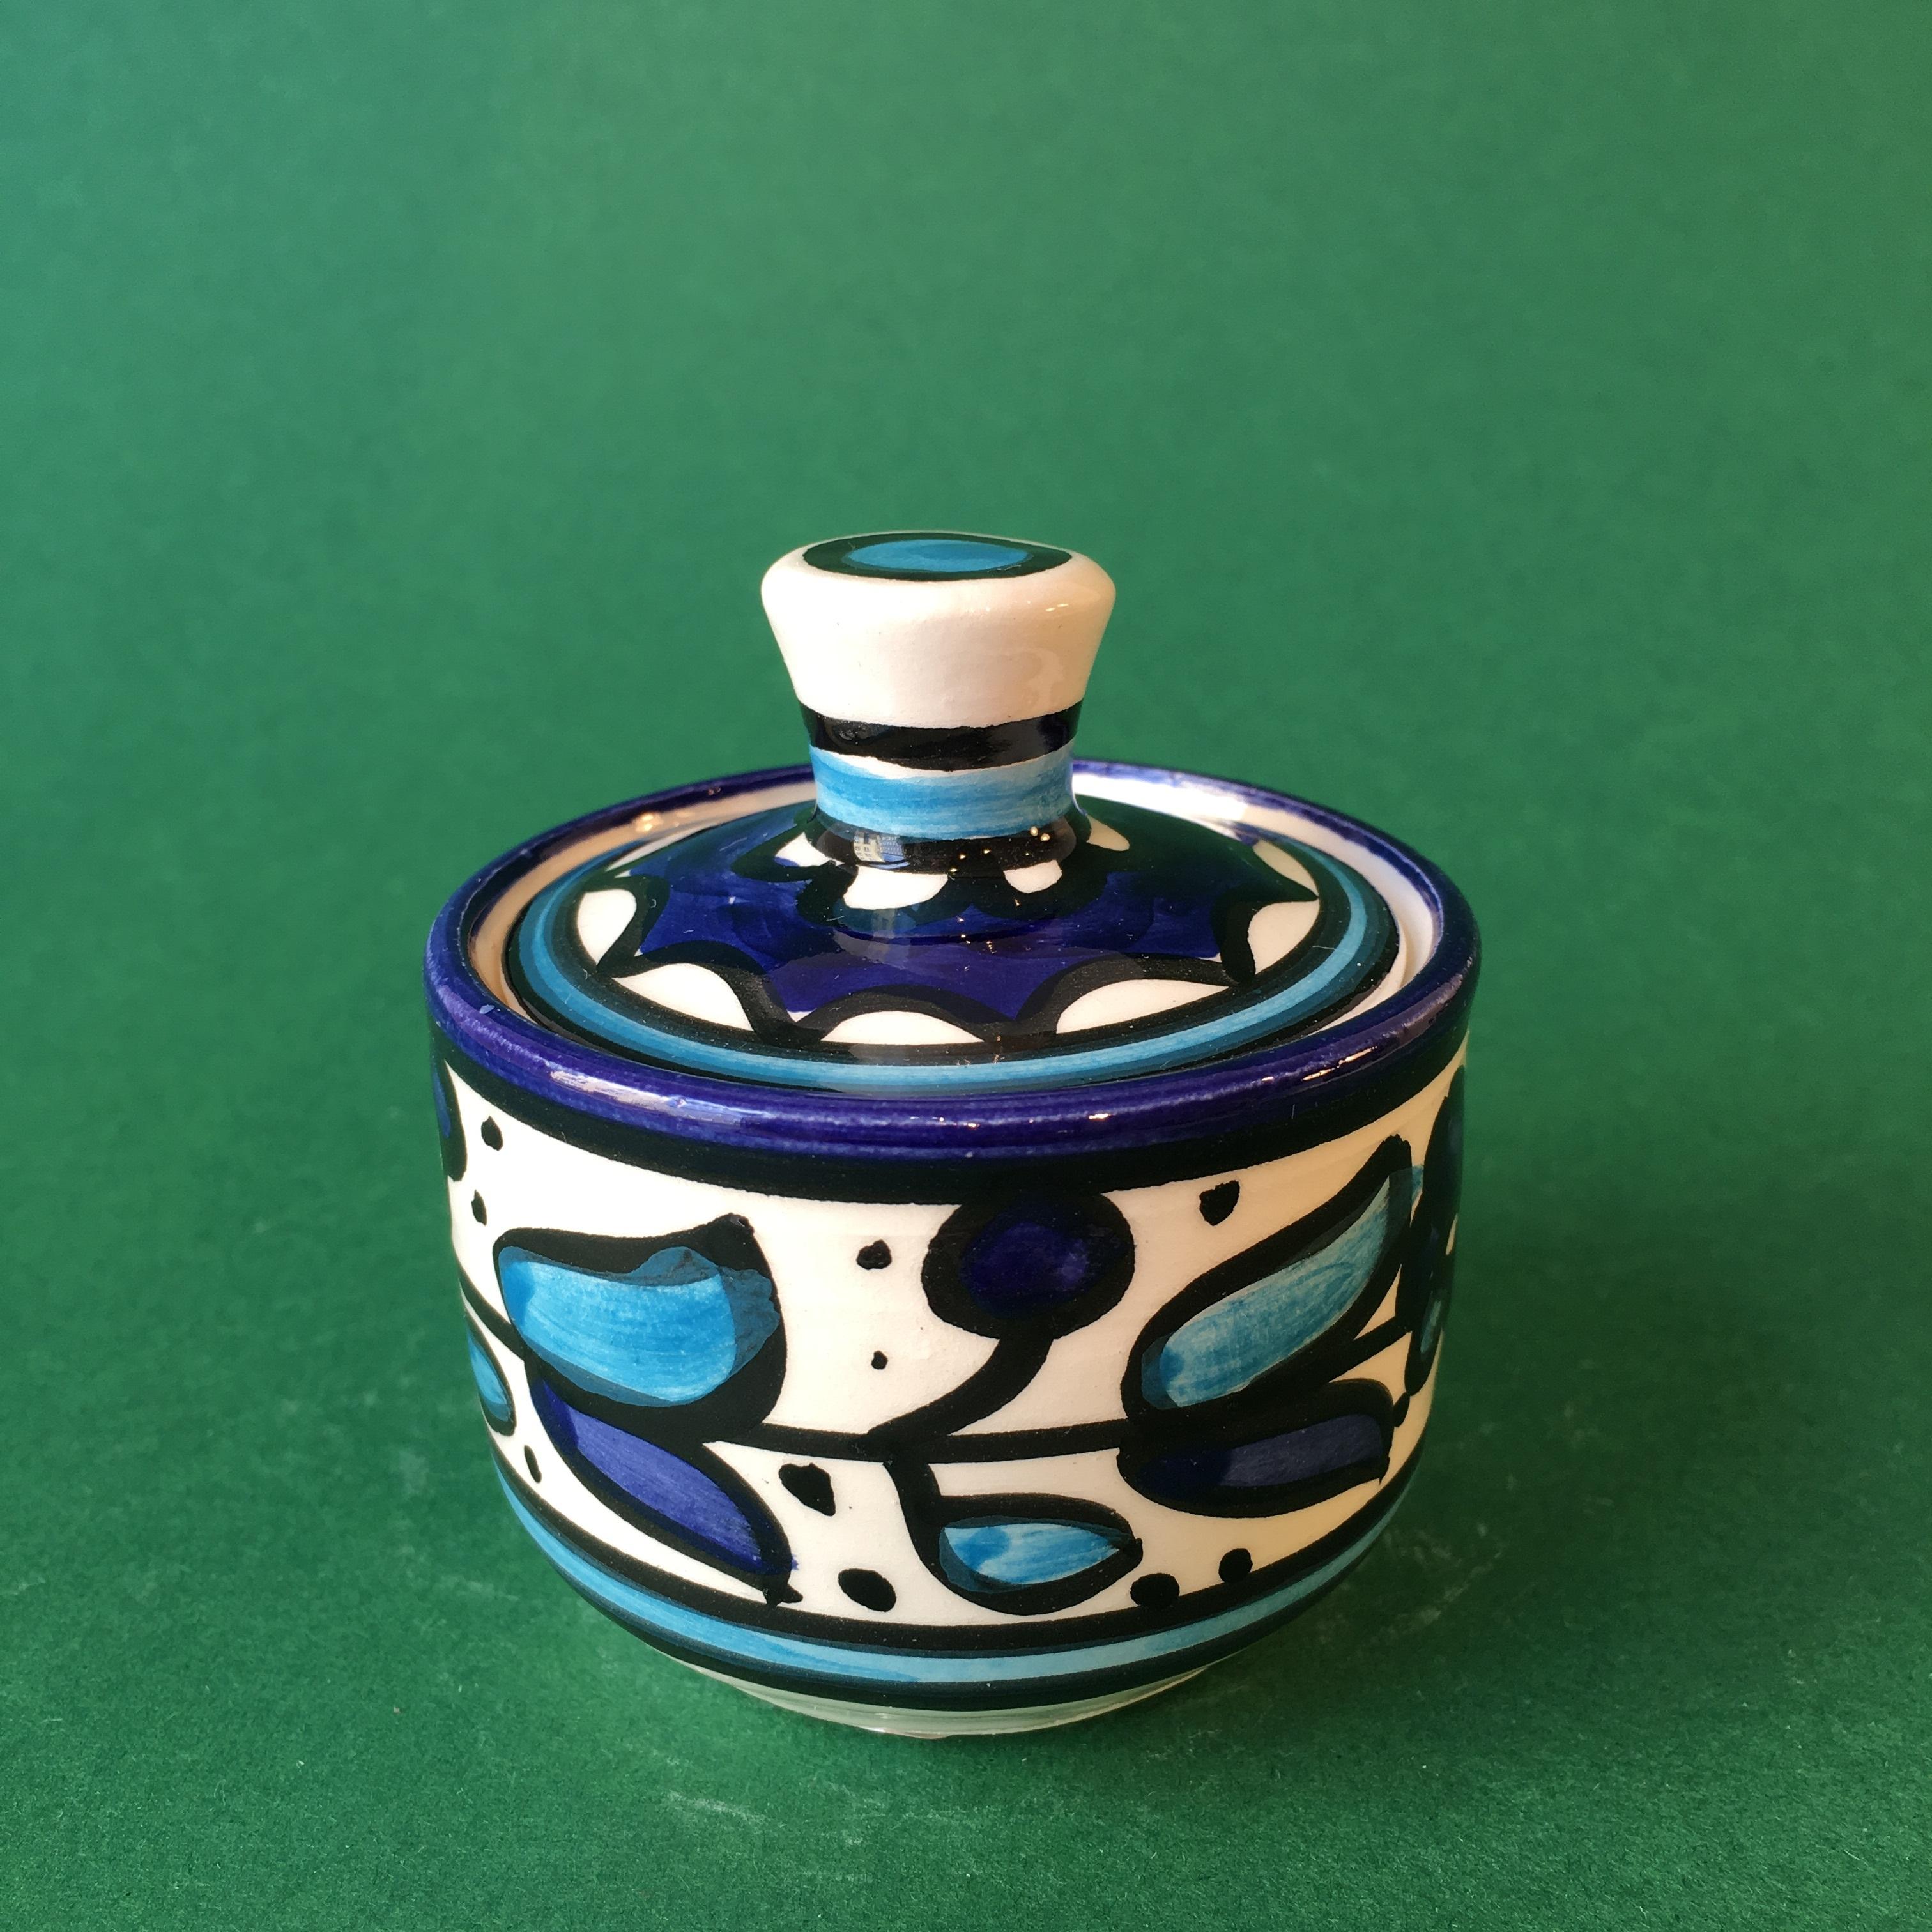 Liten krukke med lokk, blå og lyseblå